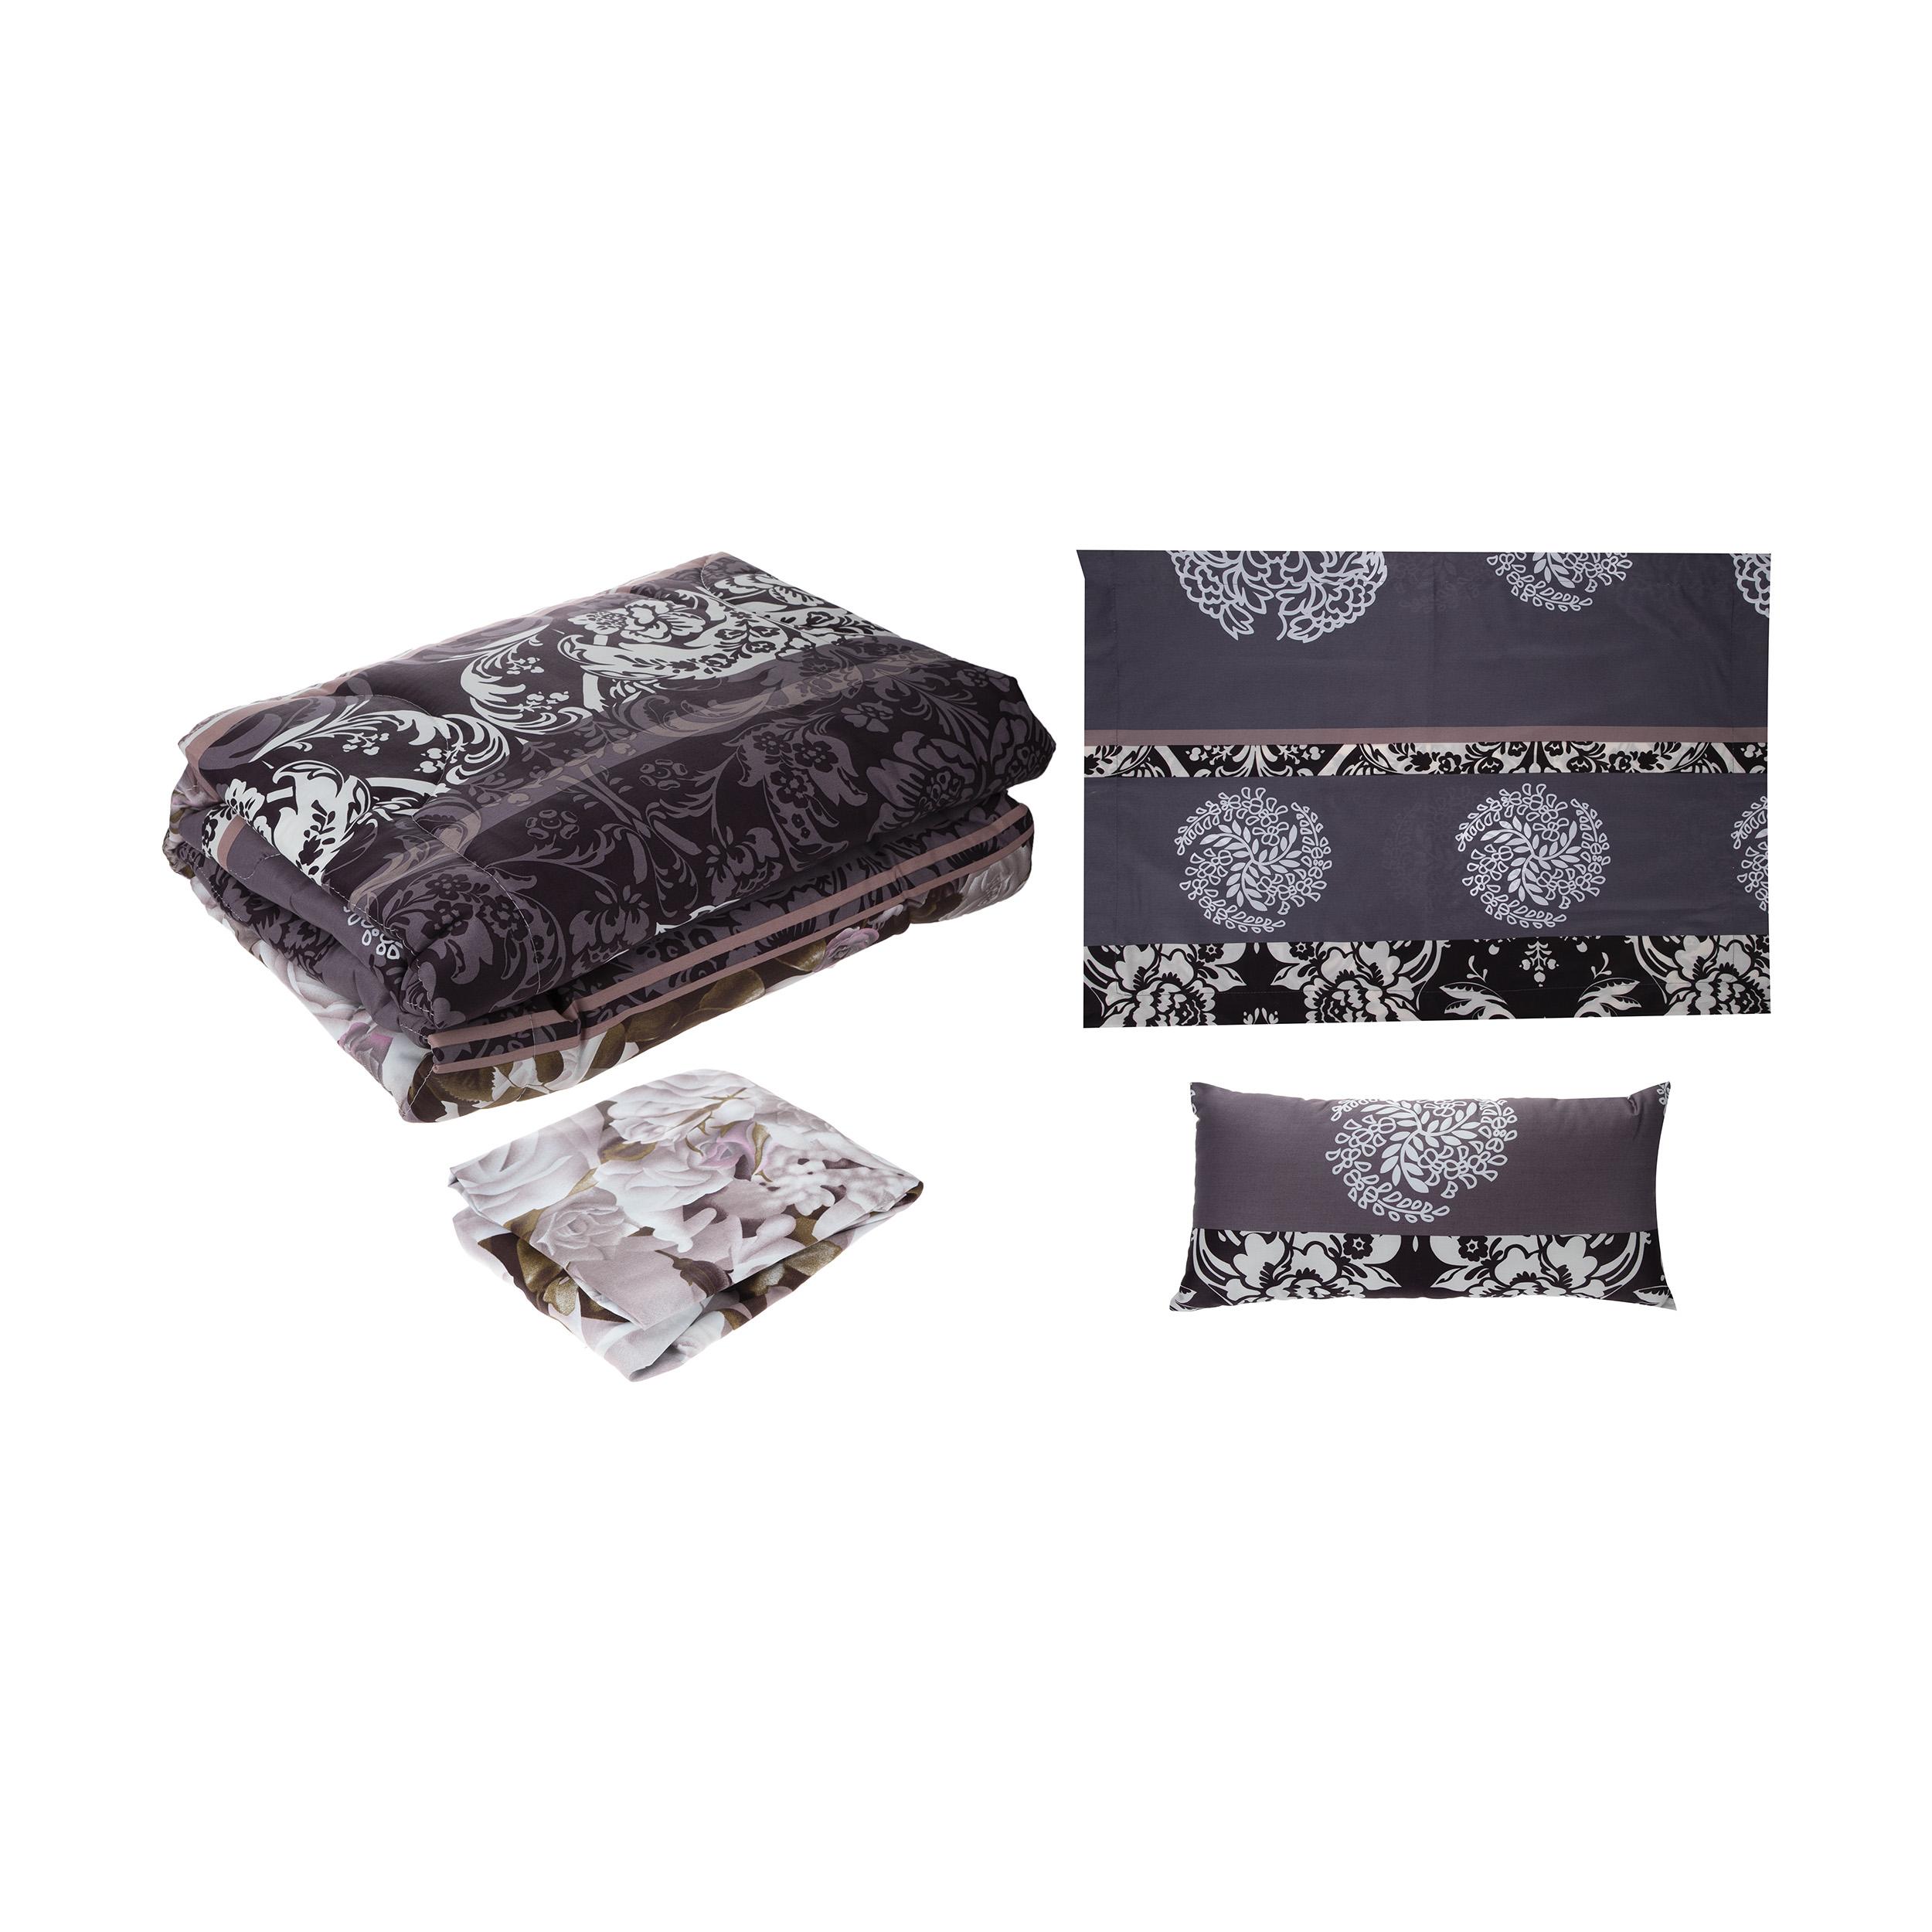 سرویس خواب فرش مریم مدل Termeh یک نفره 4 تکه